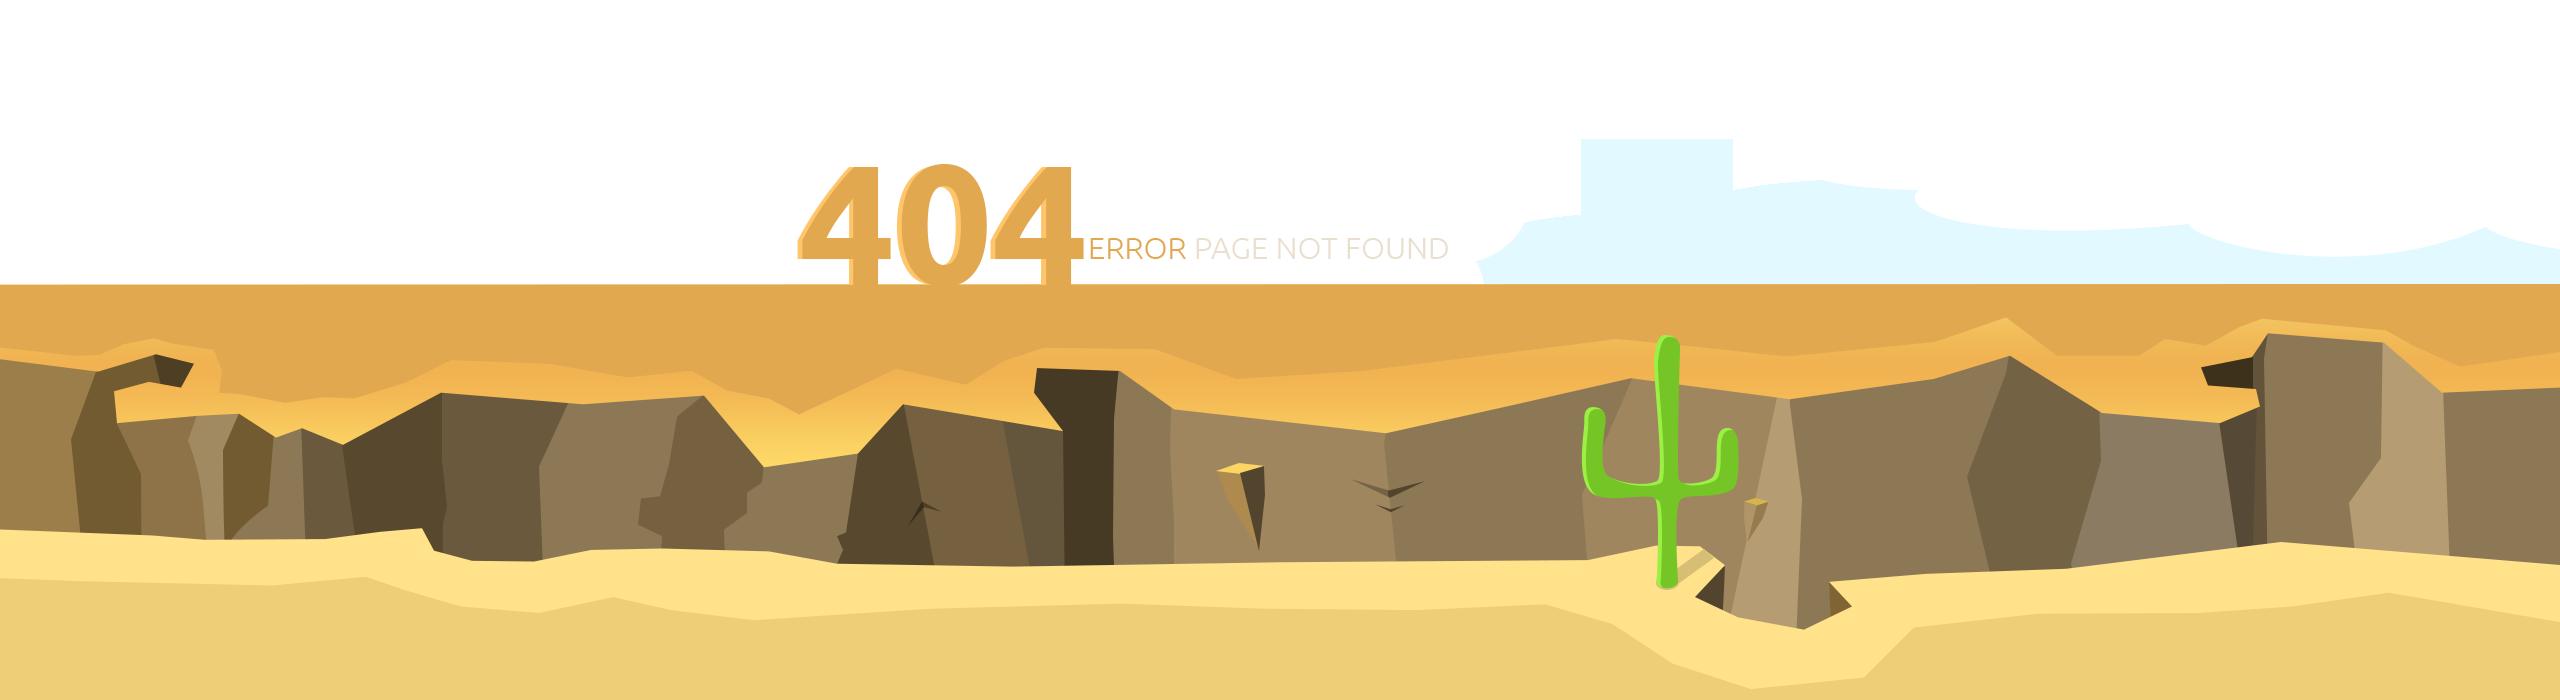 قالب صفحه 404 بصورت حرفه ای